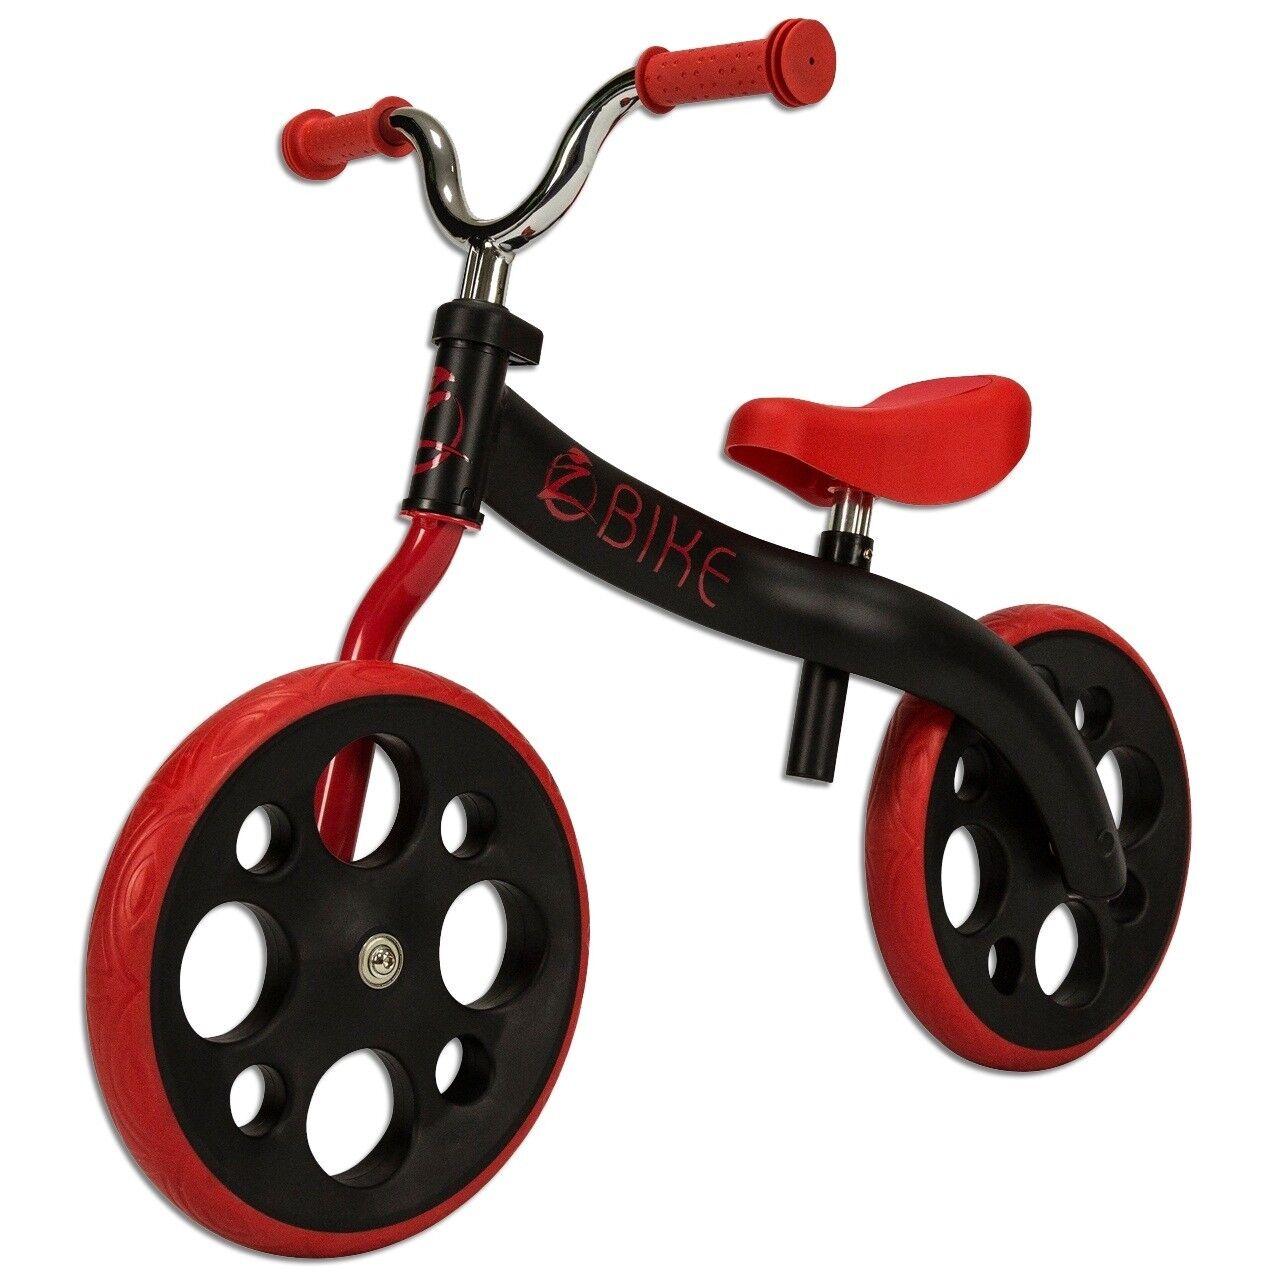 Zycom Z-vélo Enfants Enfants Enfants D'équilibre Bicyclette Pl 3fb04f